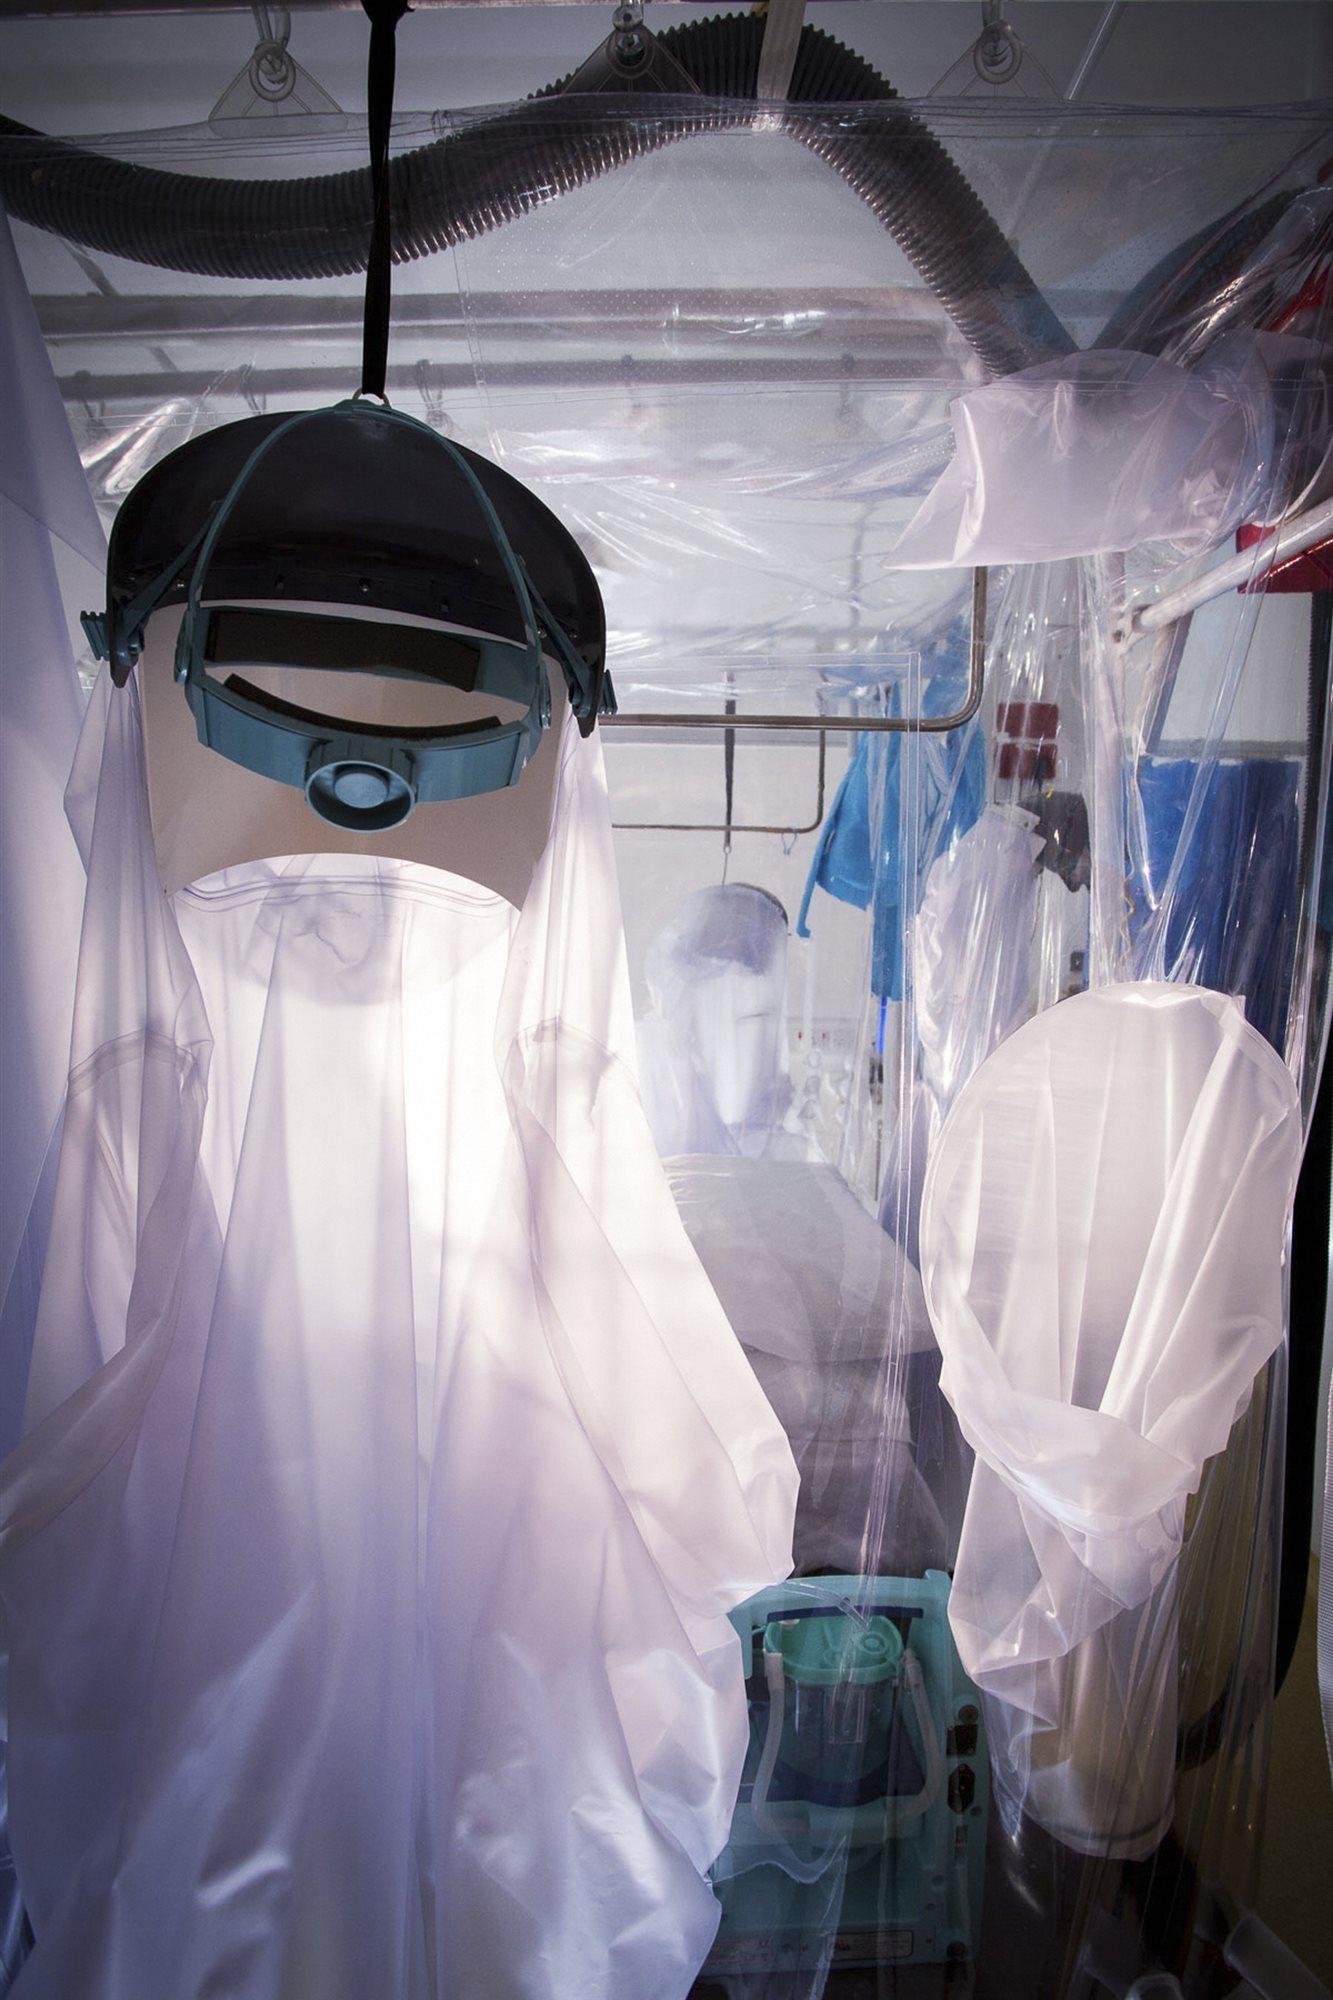 Unidad de contención de enfermedades contagiosas